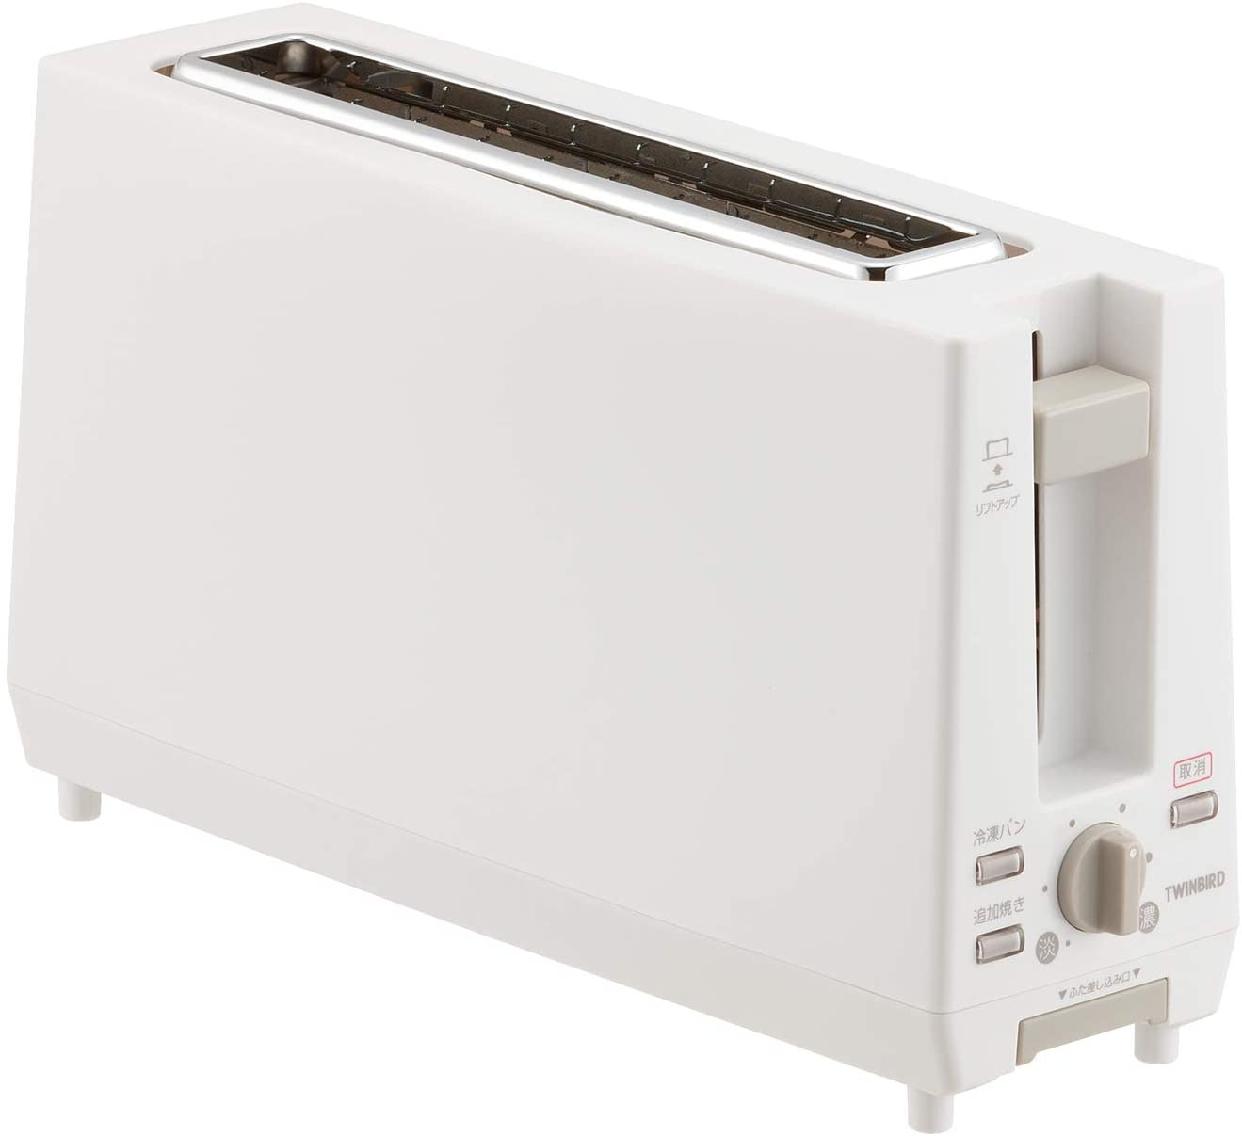 TWINBIRD(ツインバード) ポップアップトースター ホワイト TS-D404Wの商品画像